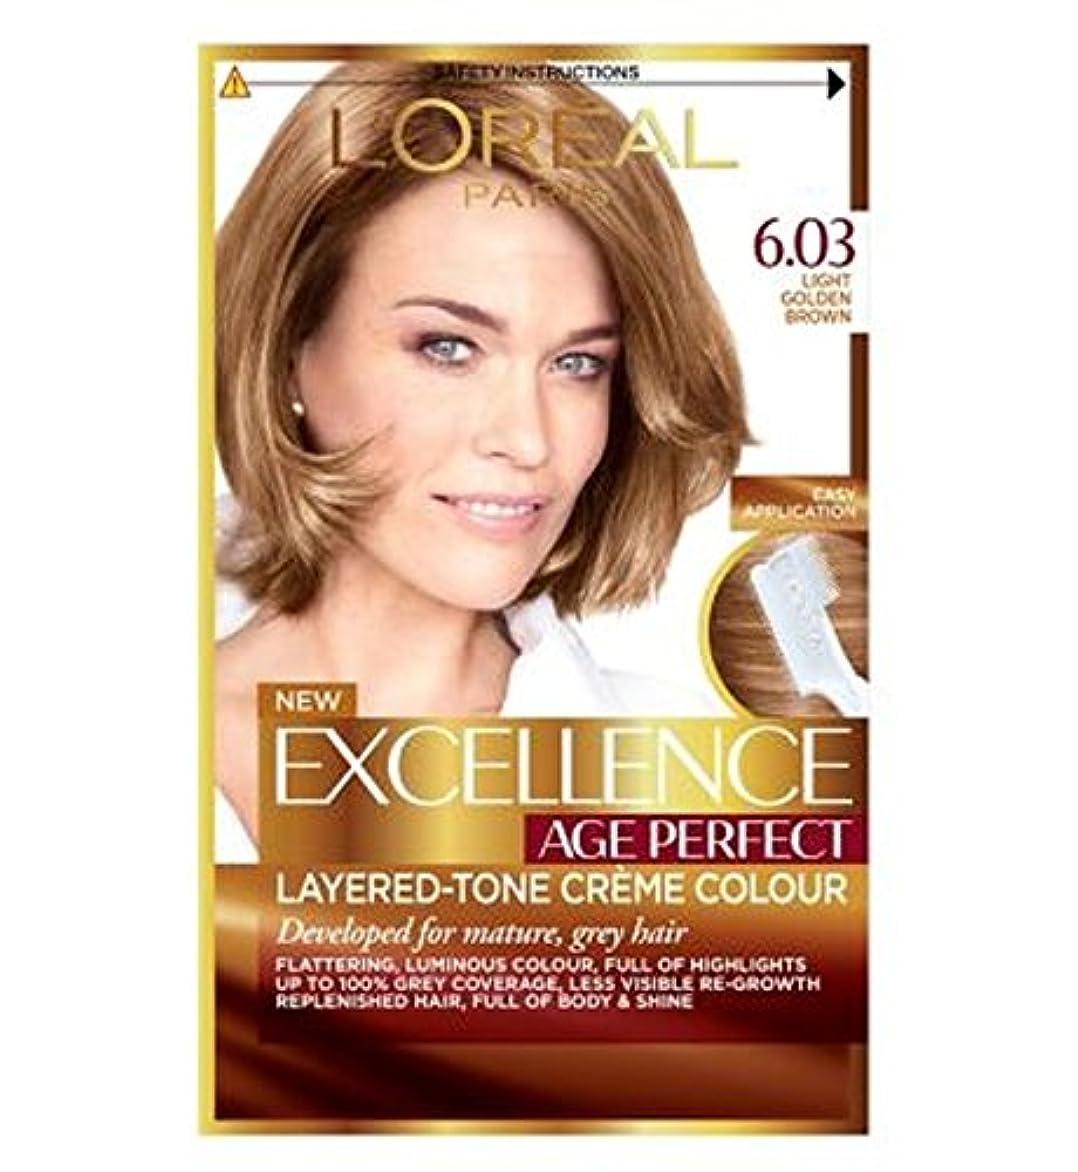 愛情深い上級ピンL'Oreall Paris Excellence Age Perfect 6.03 Light Golden Brown - L'Oreallパリ優秀年齢完璧6.03ライトゴールデンブラウン (L'Oreal) [並行輸入品]